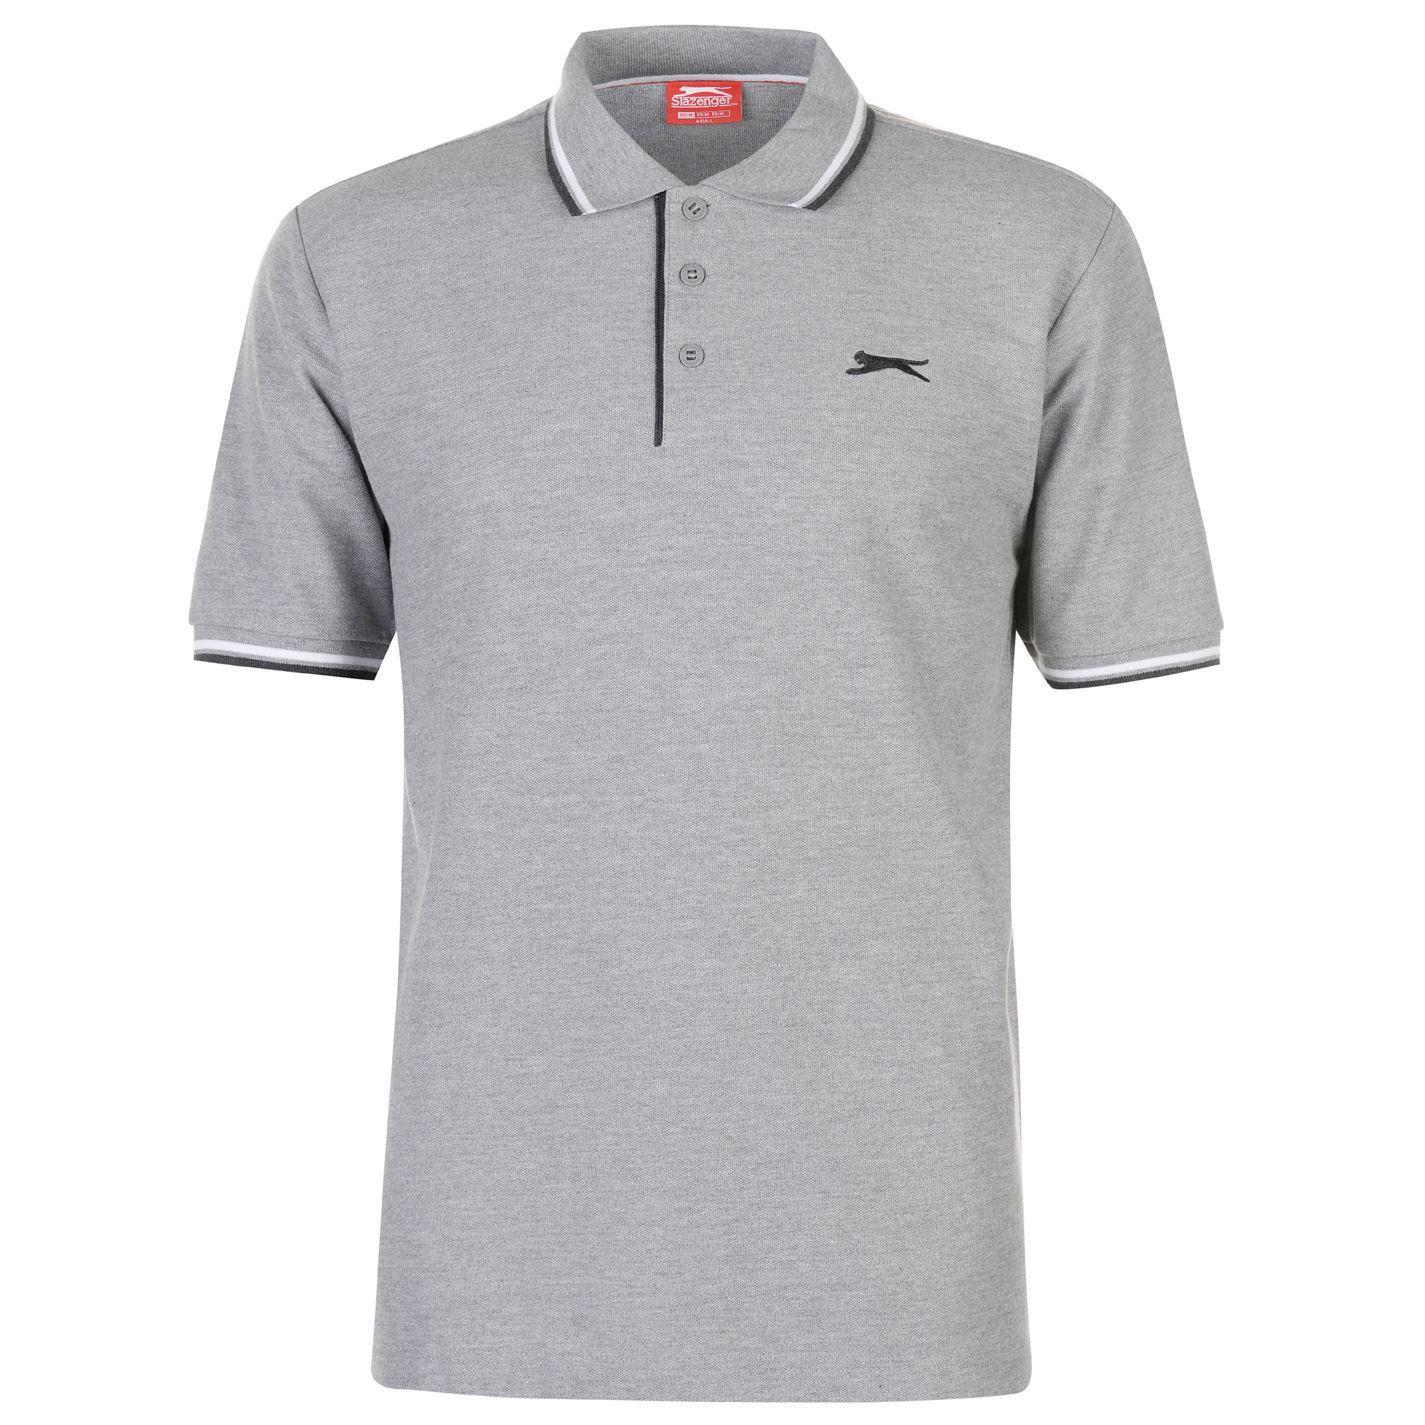 Slazenger-Polo-Camisa-de-hombre-con-cuello-con-Punta-T-Shirt-Top-Camiseta-Tee miniatura 41